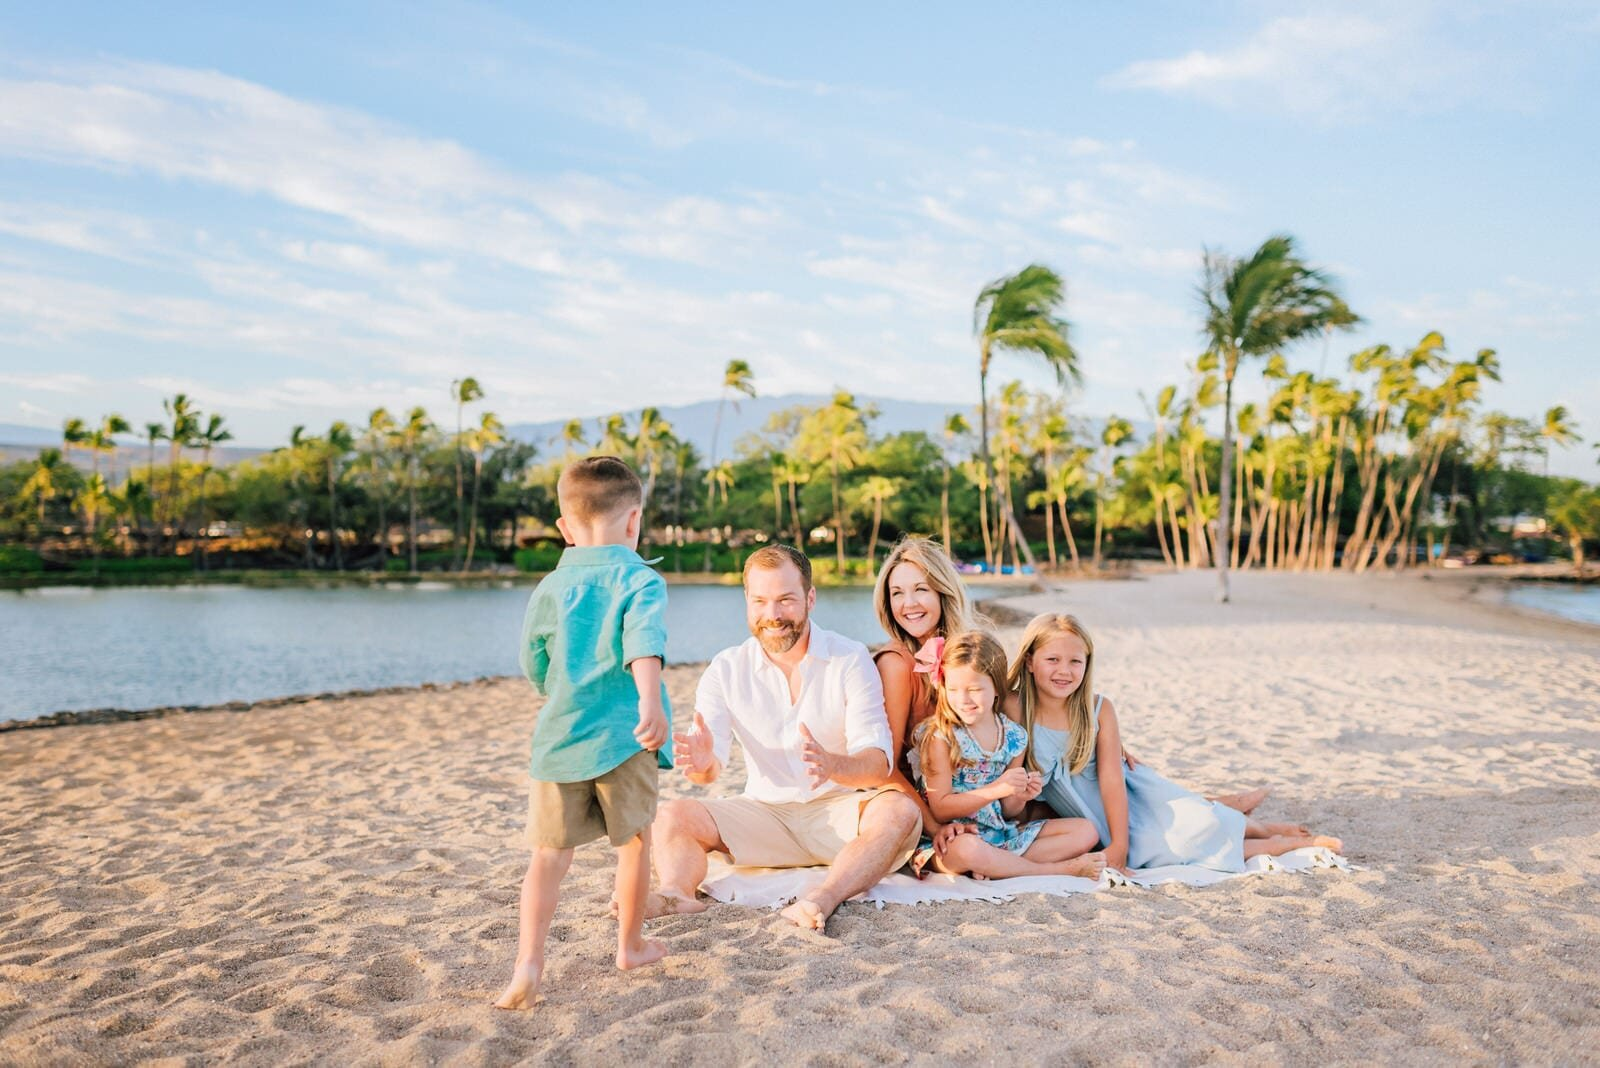 hawaii-family-photos-sunrise-10.jpg